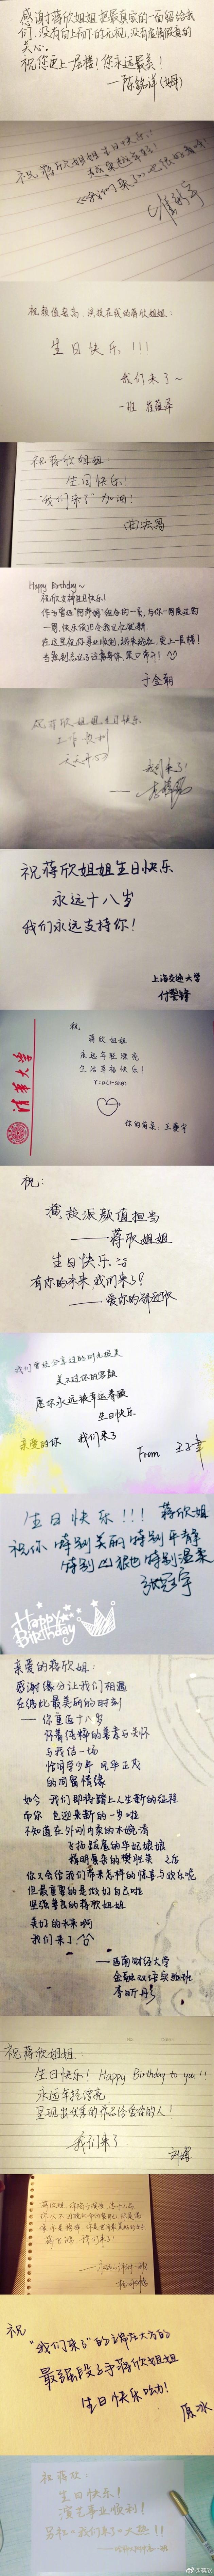 蒋欣晒哈师大附中同学来信曾在综艺中当插班生